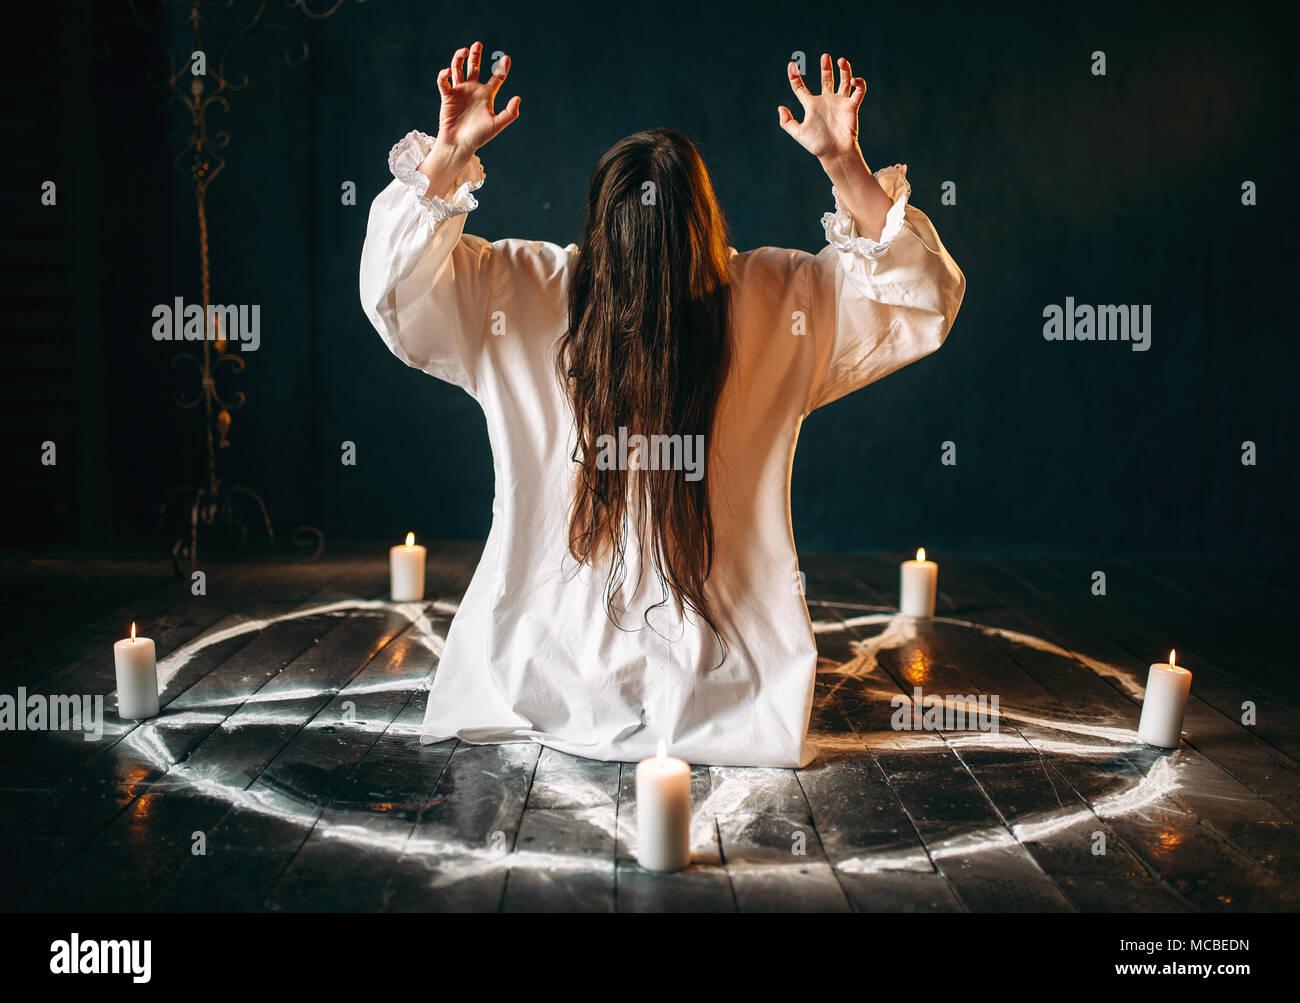 Hexe produziert okkulten Ritual in pentagramm Kreis Stockbild